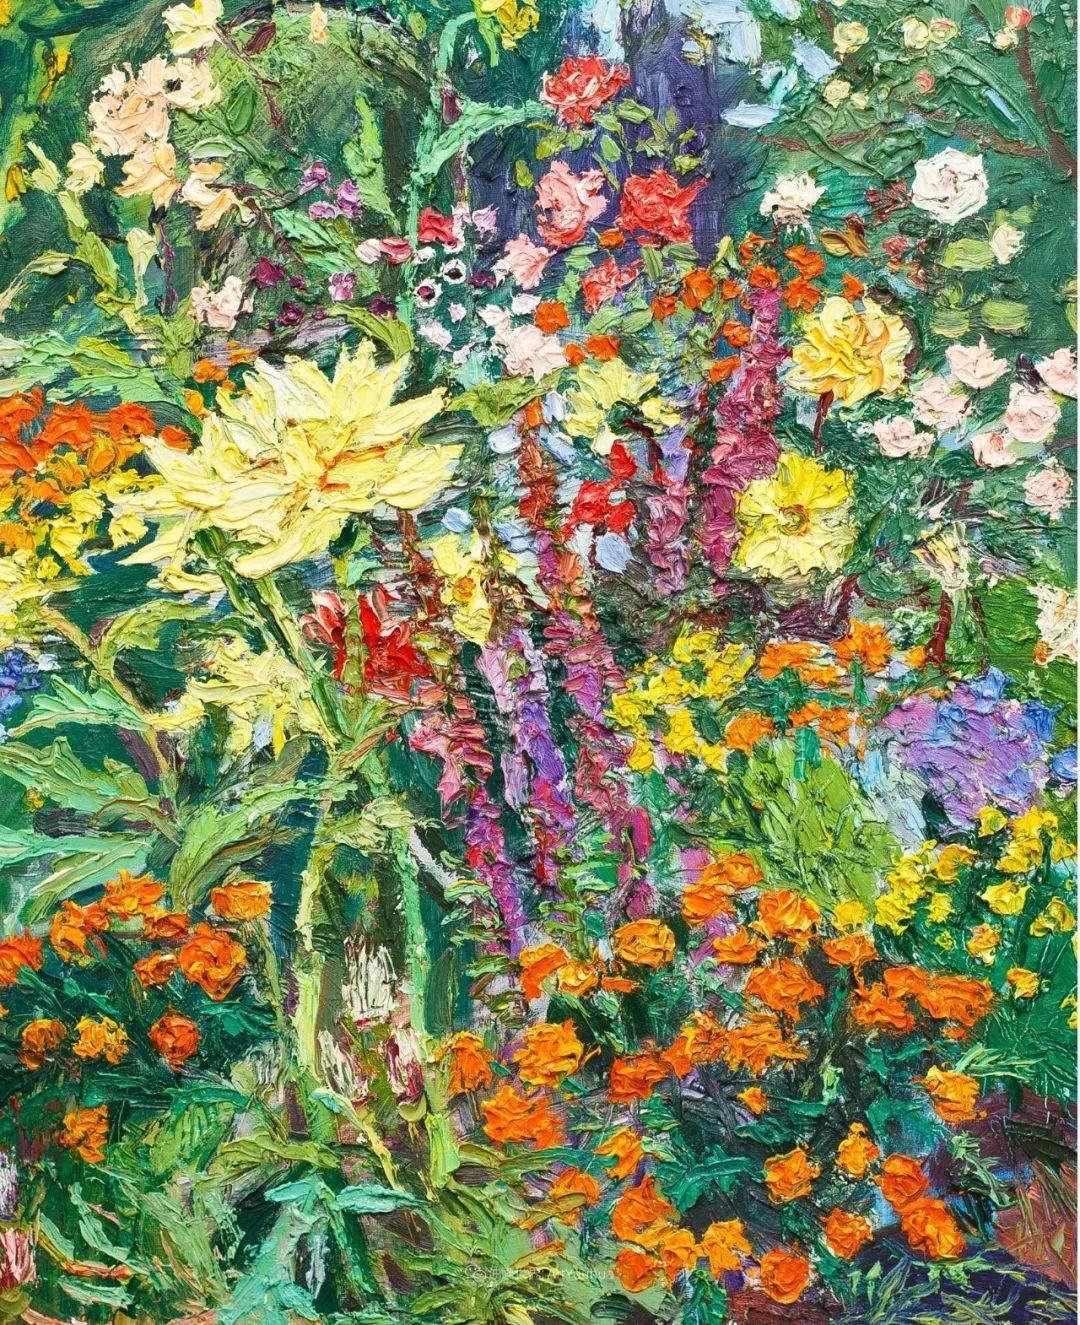 大笔触风景与花卉,色彩靓丽,美轮美奂!插图23